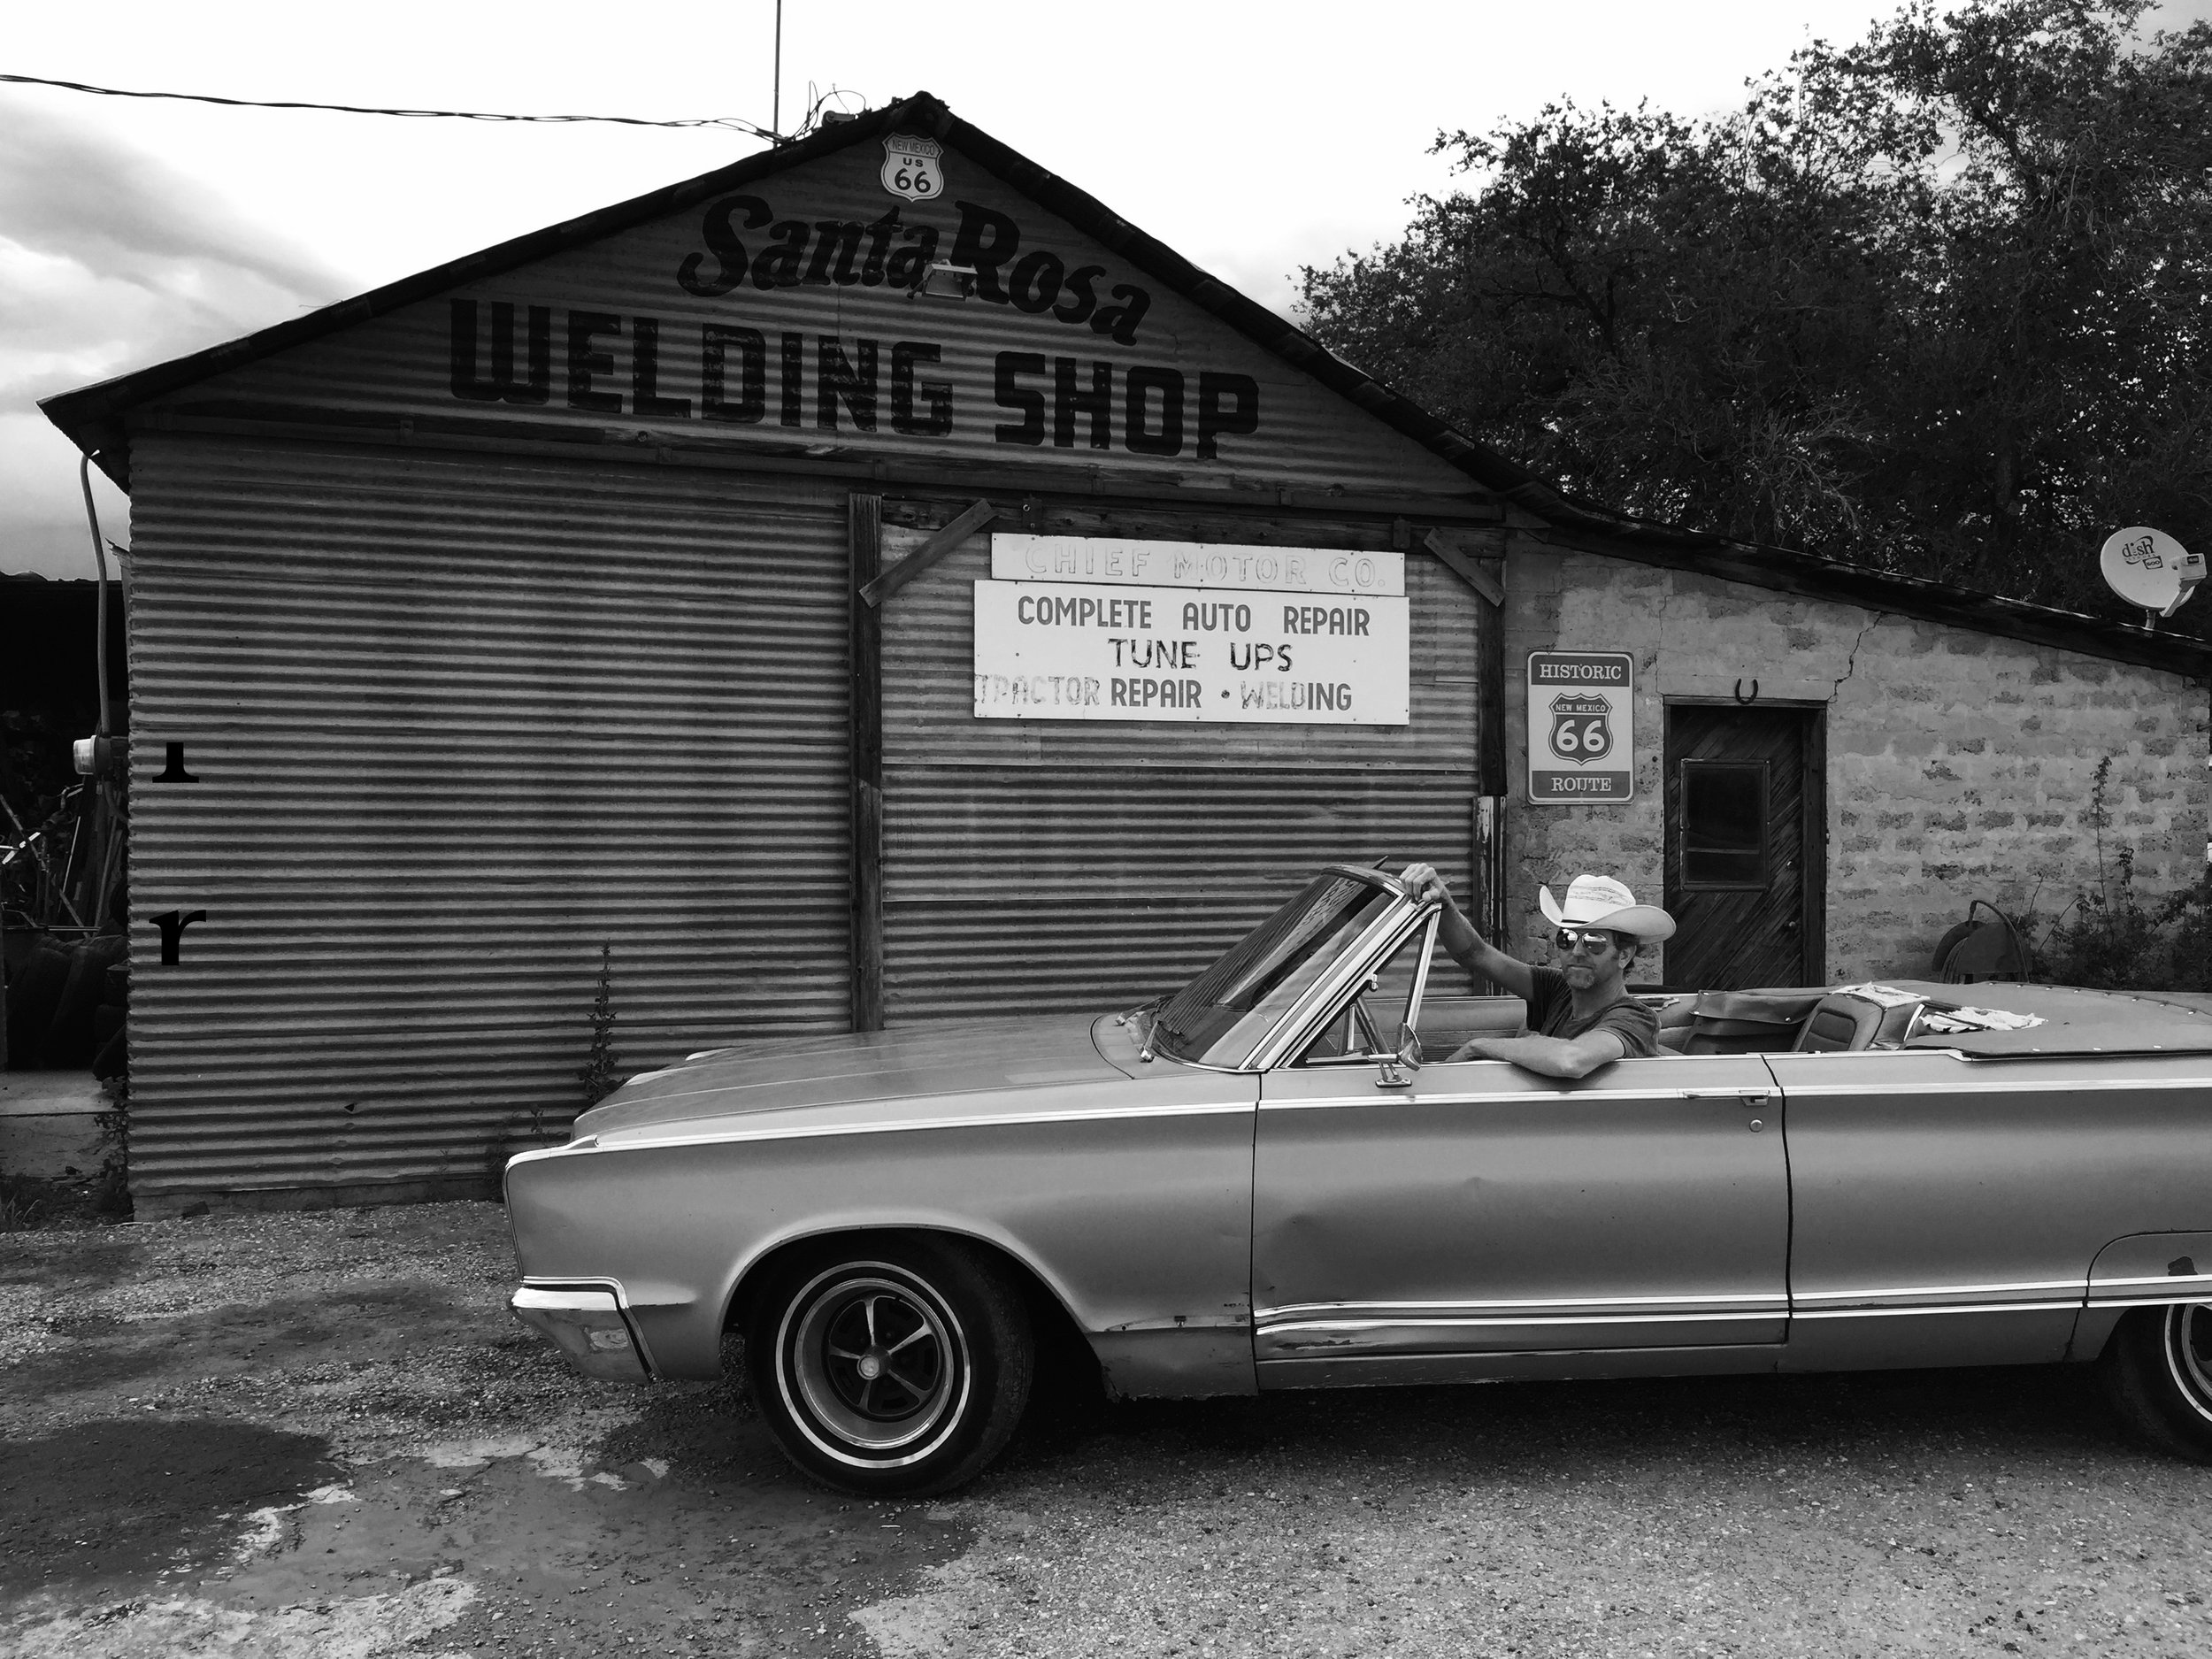 Alden and Chrysler Santa Rosa Welding Rte 66.jpg